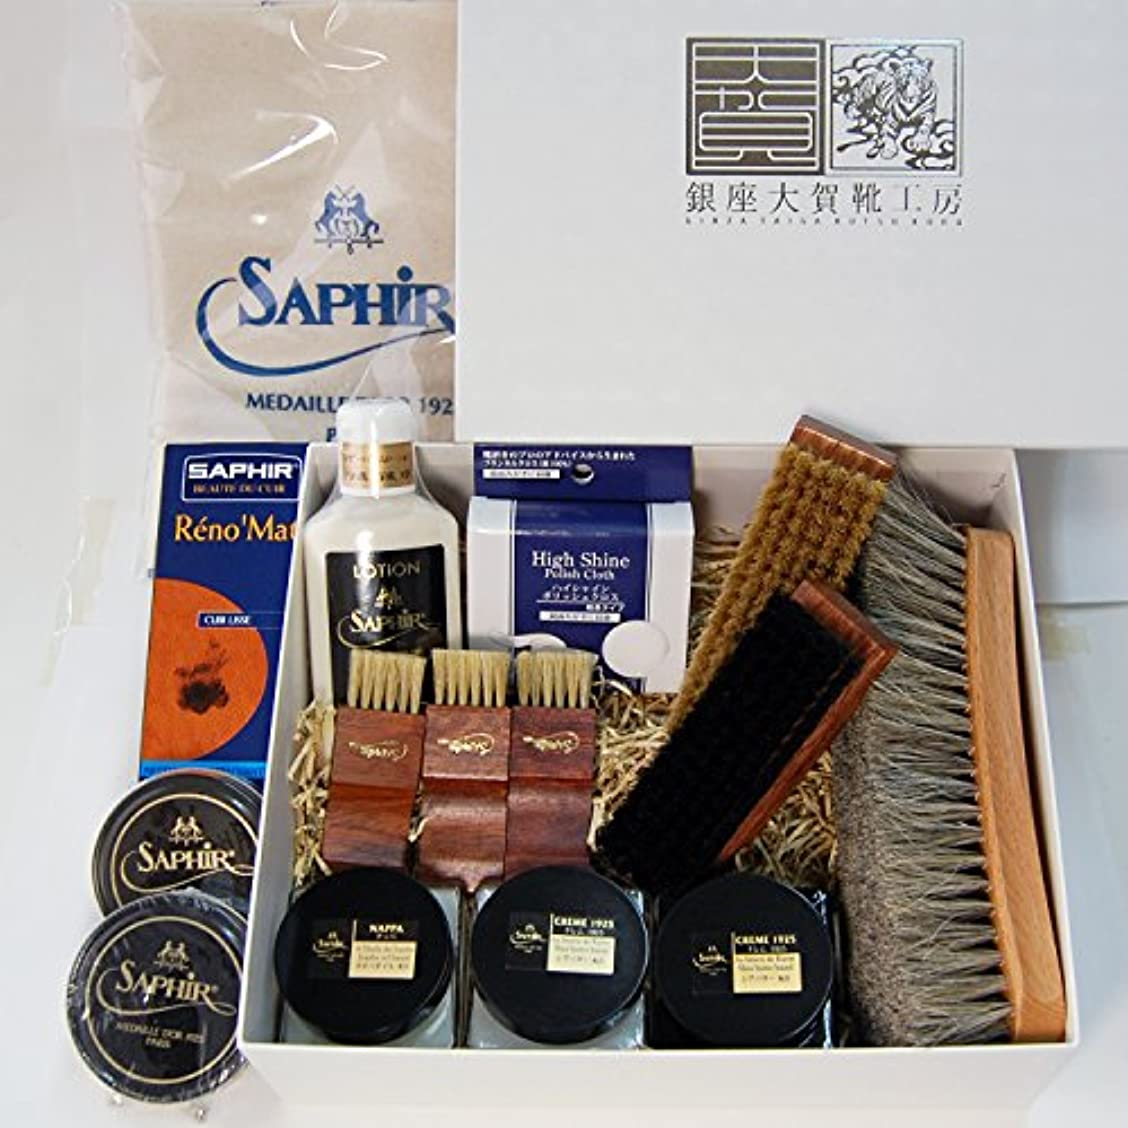 ラジカル費やす後方[銀座大賀 靴工房] SaphirNoir(サフィールノワール) シューケアセット ボックス(紙箱) セット5